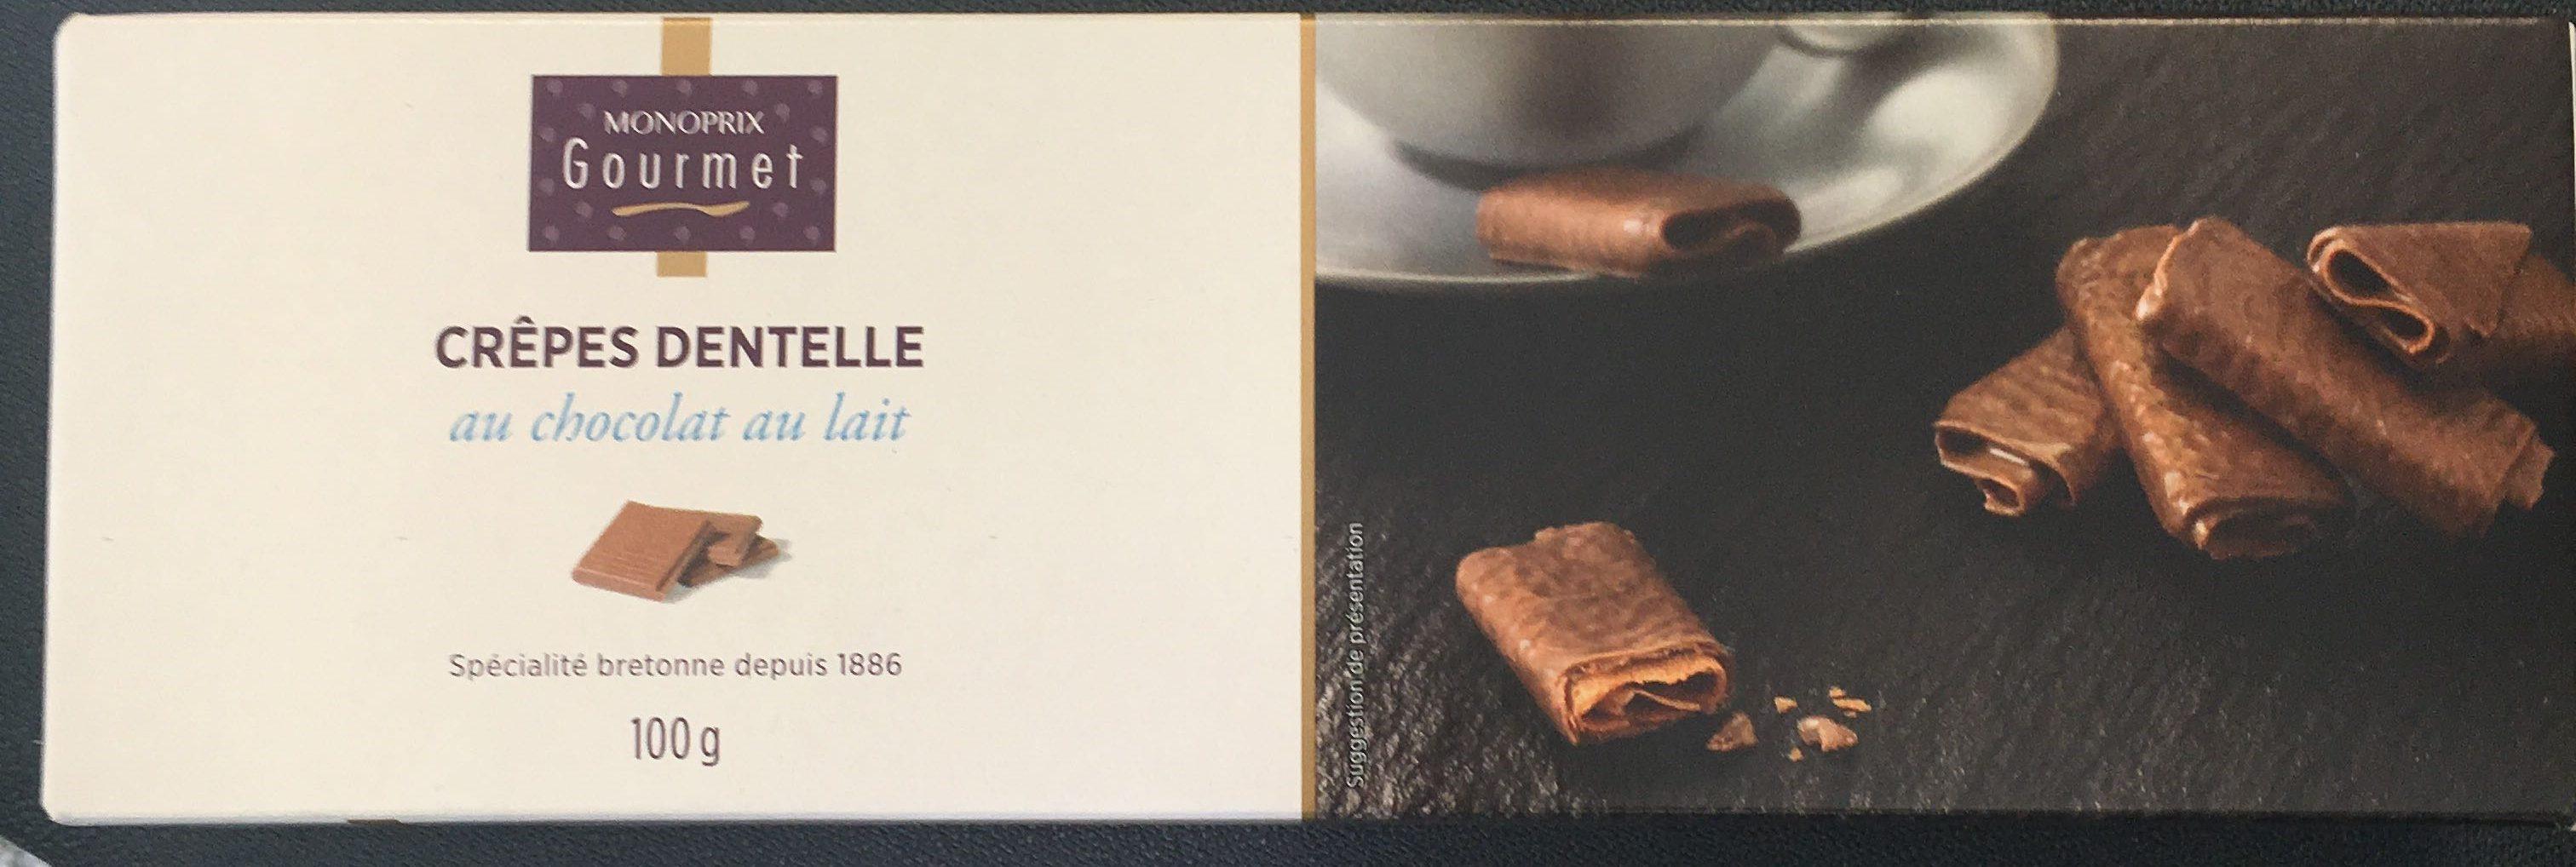 Crêpes dentelle au chocolat au lait - Product